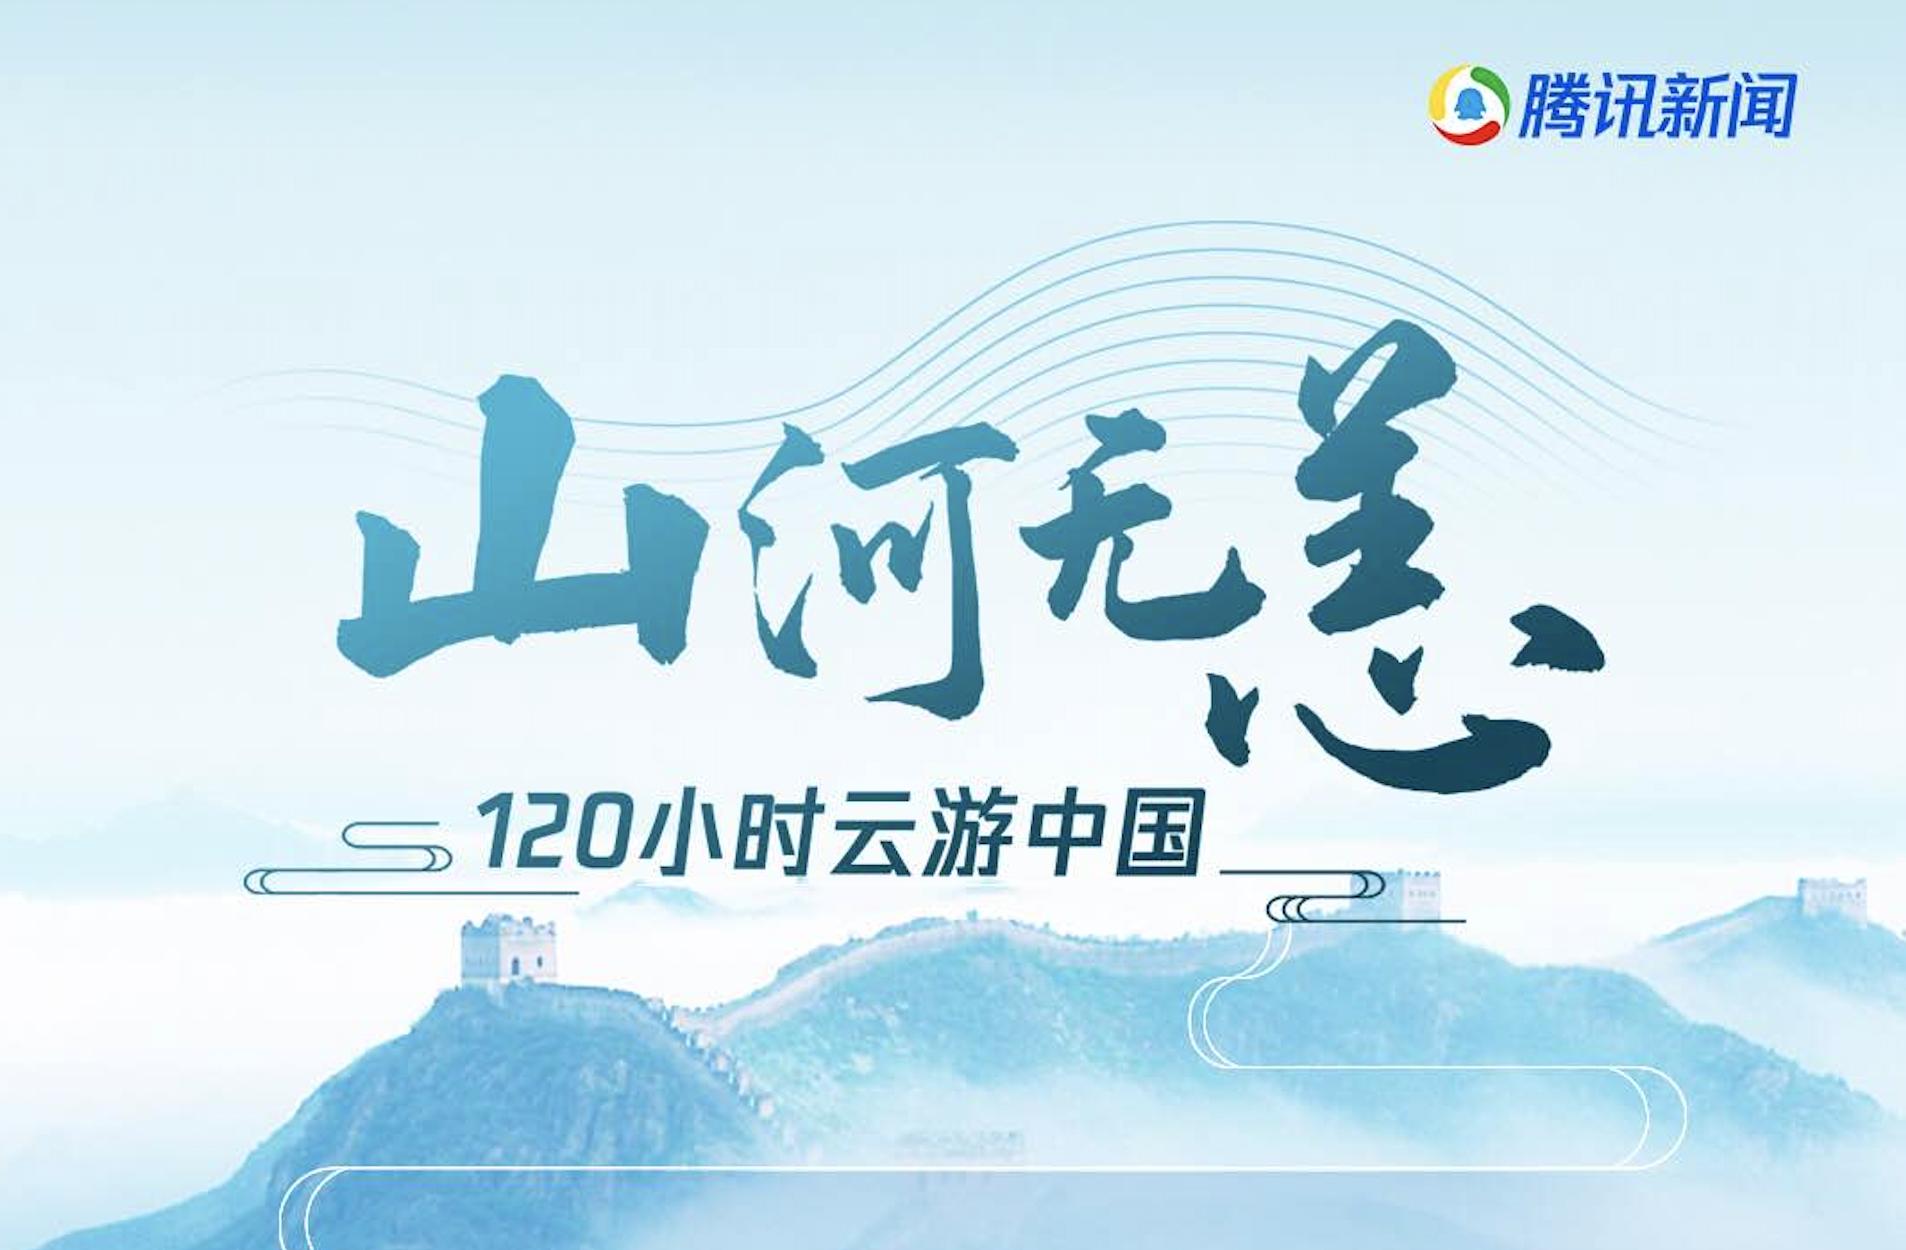 """腾讯新闻携20家景区邀网友五一""""云游""""中国"""